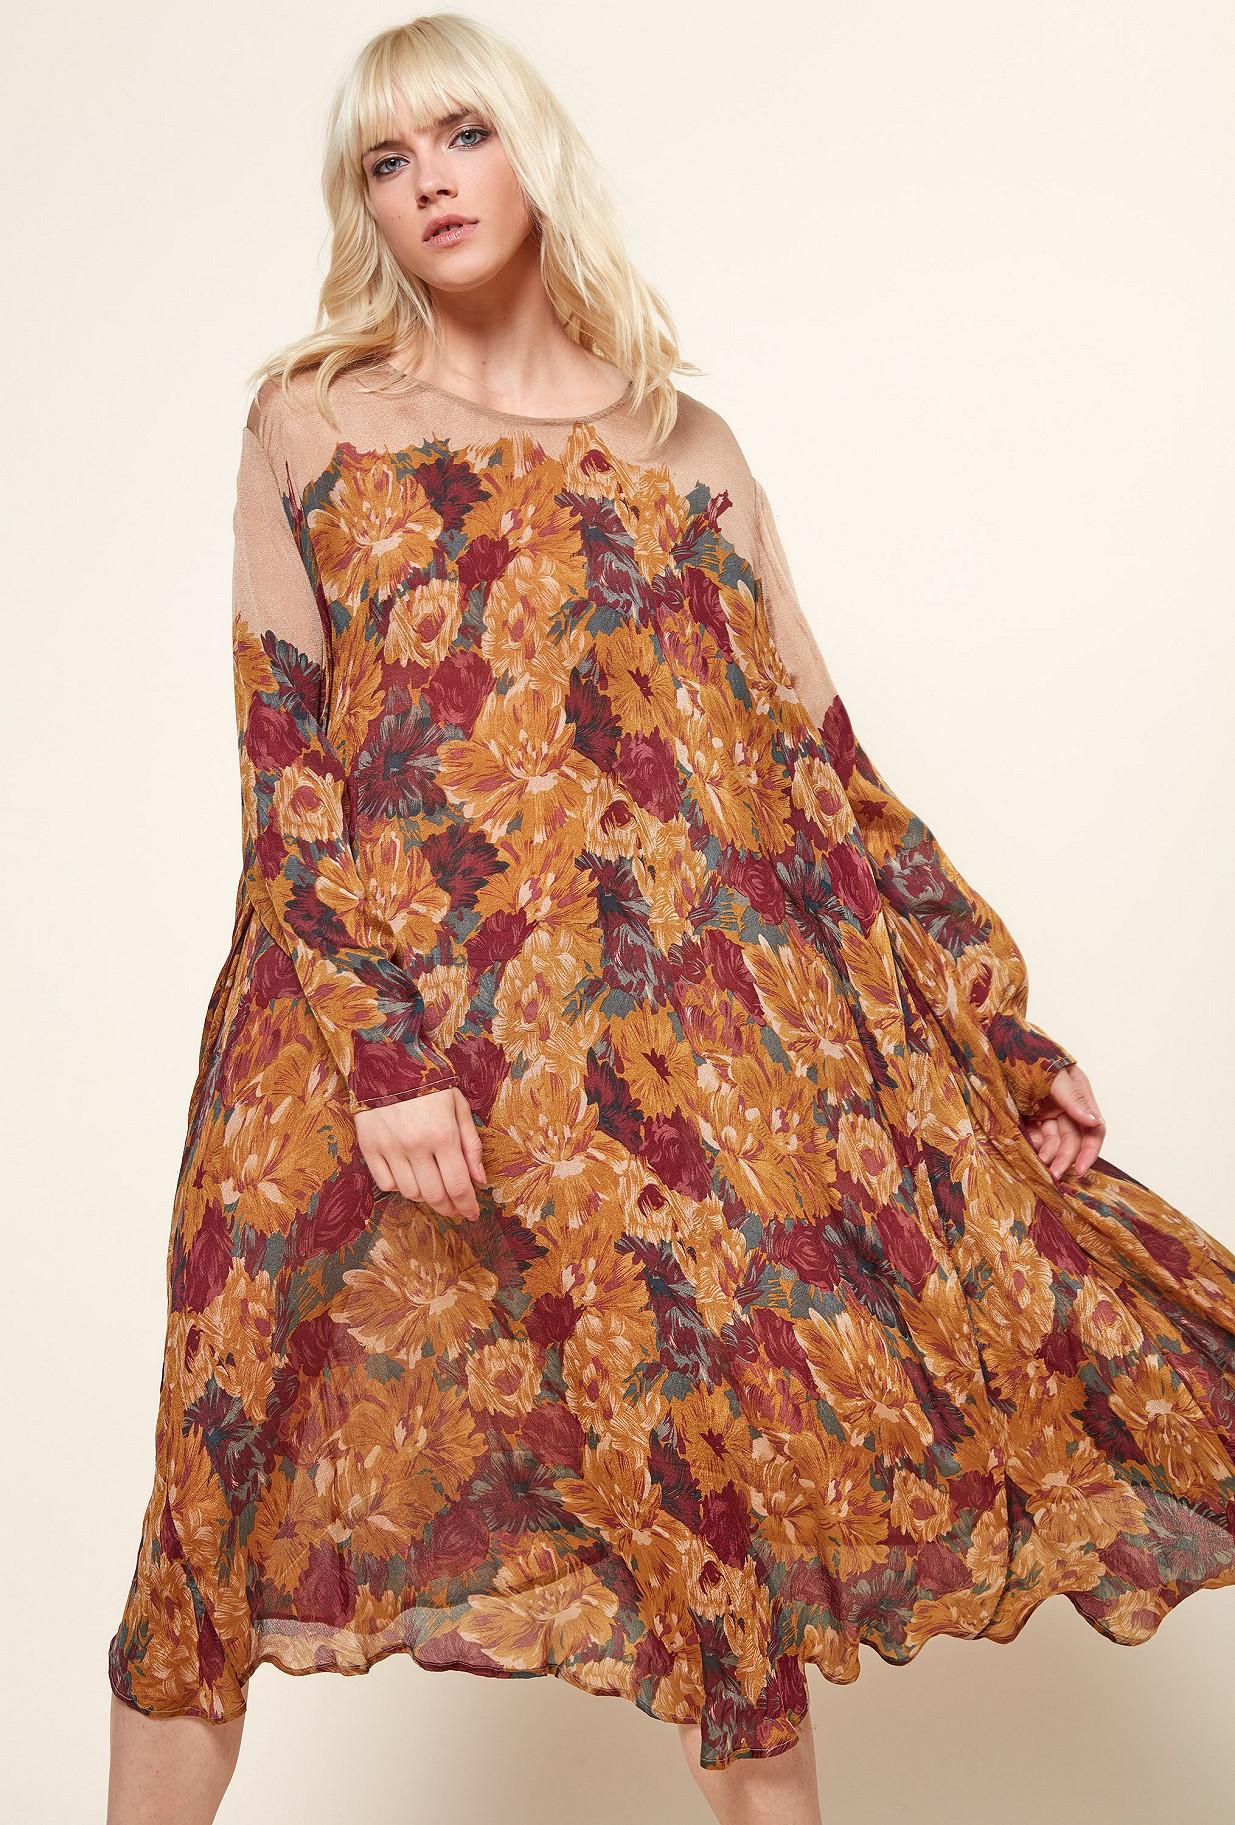 Robe Odile Mes Demoiselles coloris Imprimé fleuri